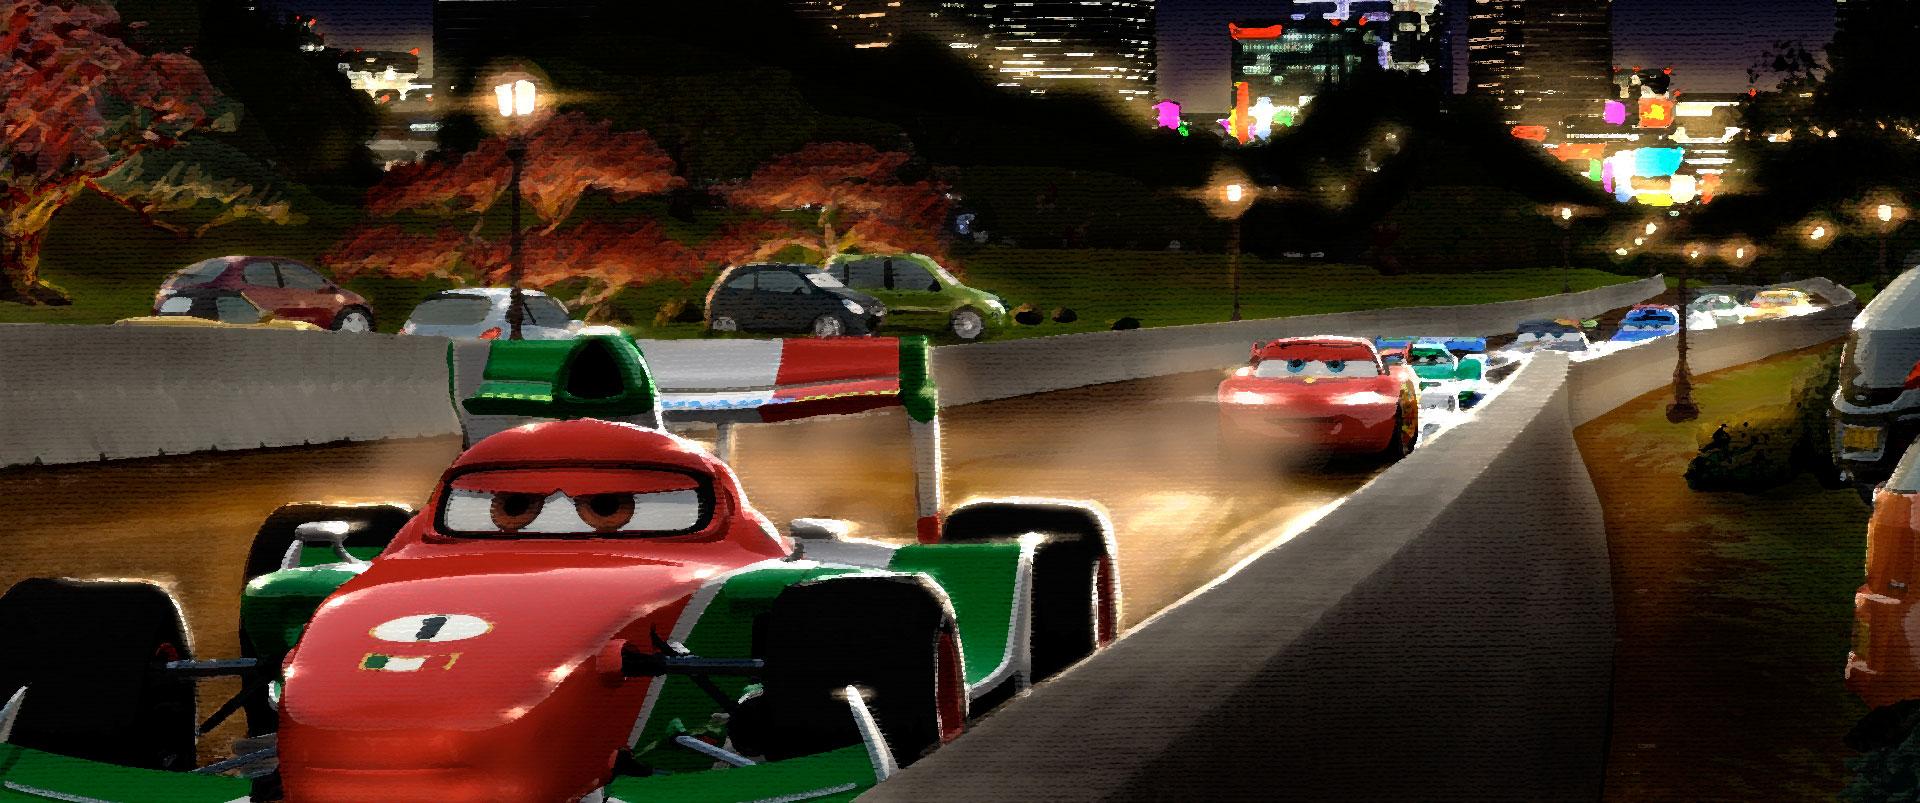 artwork cars 2 disney pixar